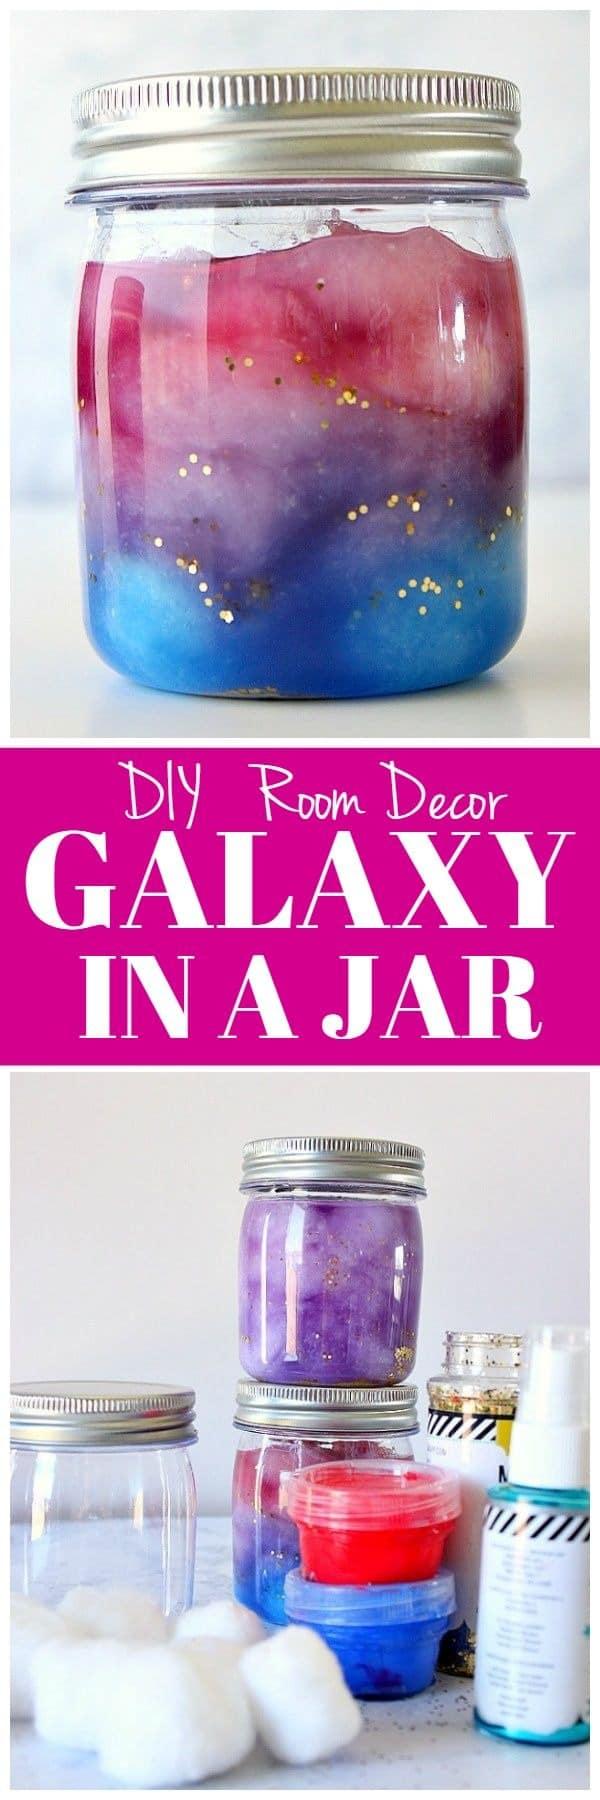 Diy Room Decor Galaxy In A Jar Crunchy Creamy Sweet